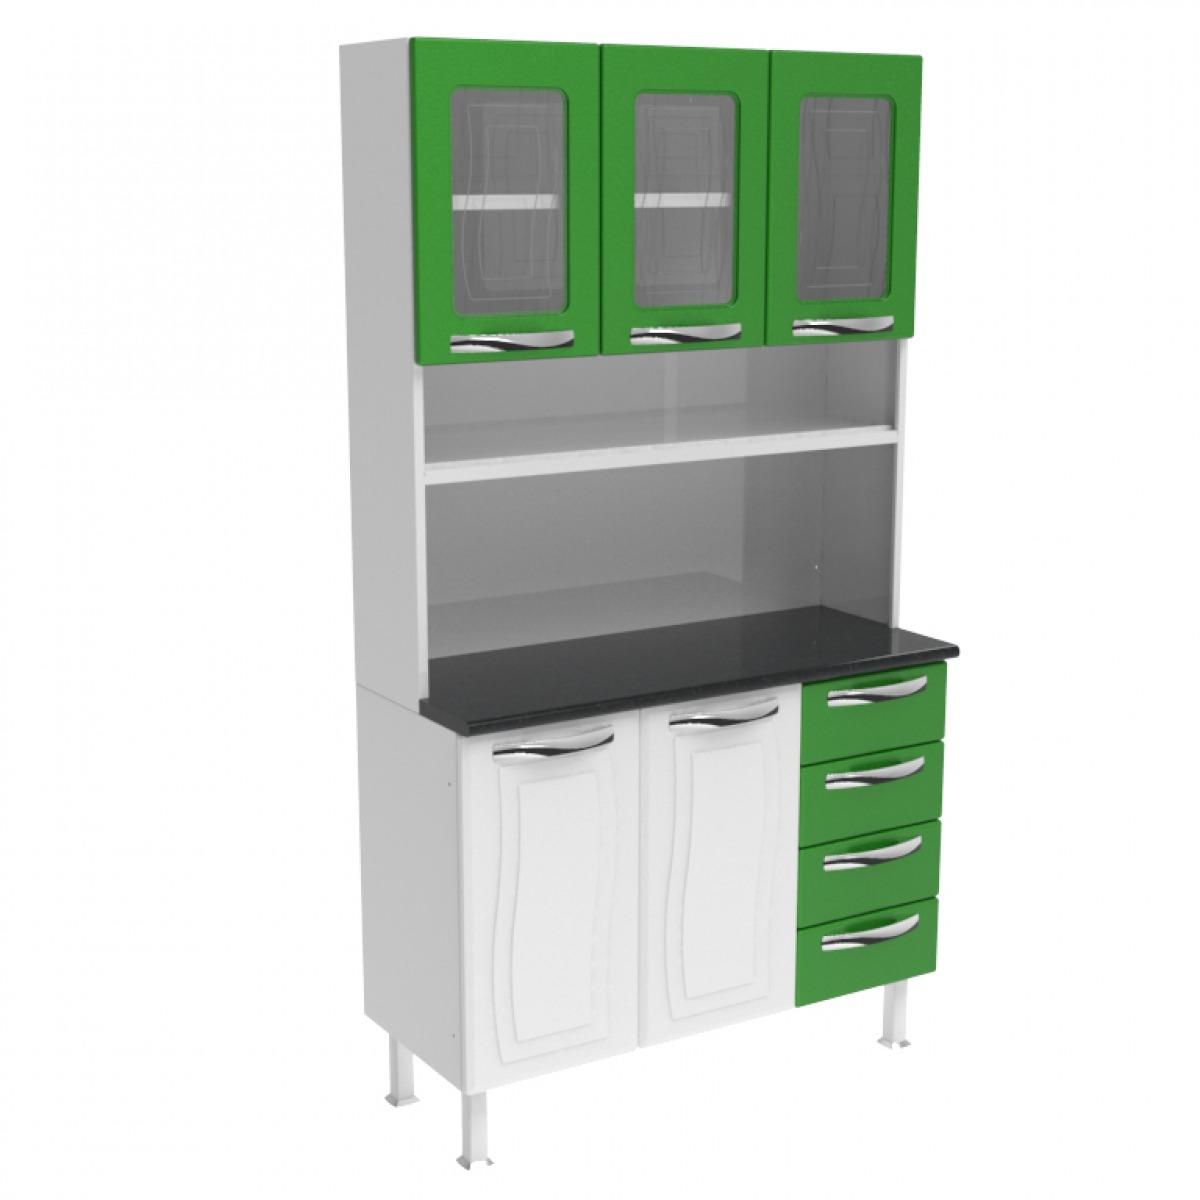 Kit de Cozinha Colormaq Ipanema 5 Portas e 4 Gavetas em Aço e Vidro Branco e Verde